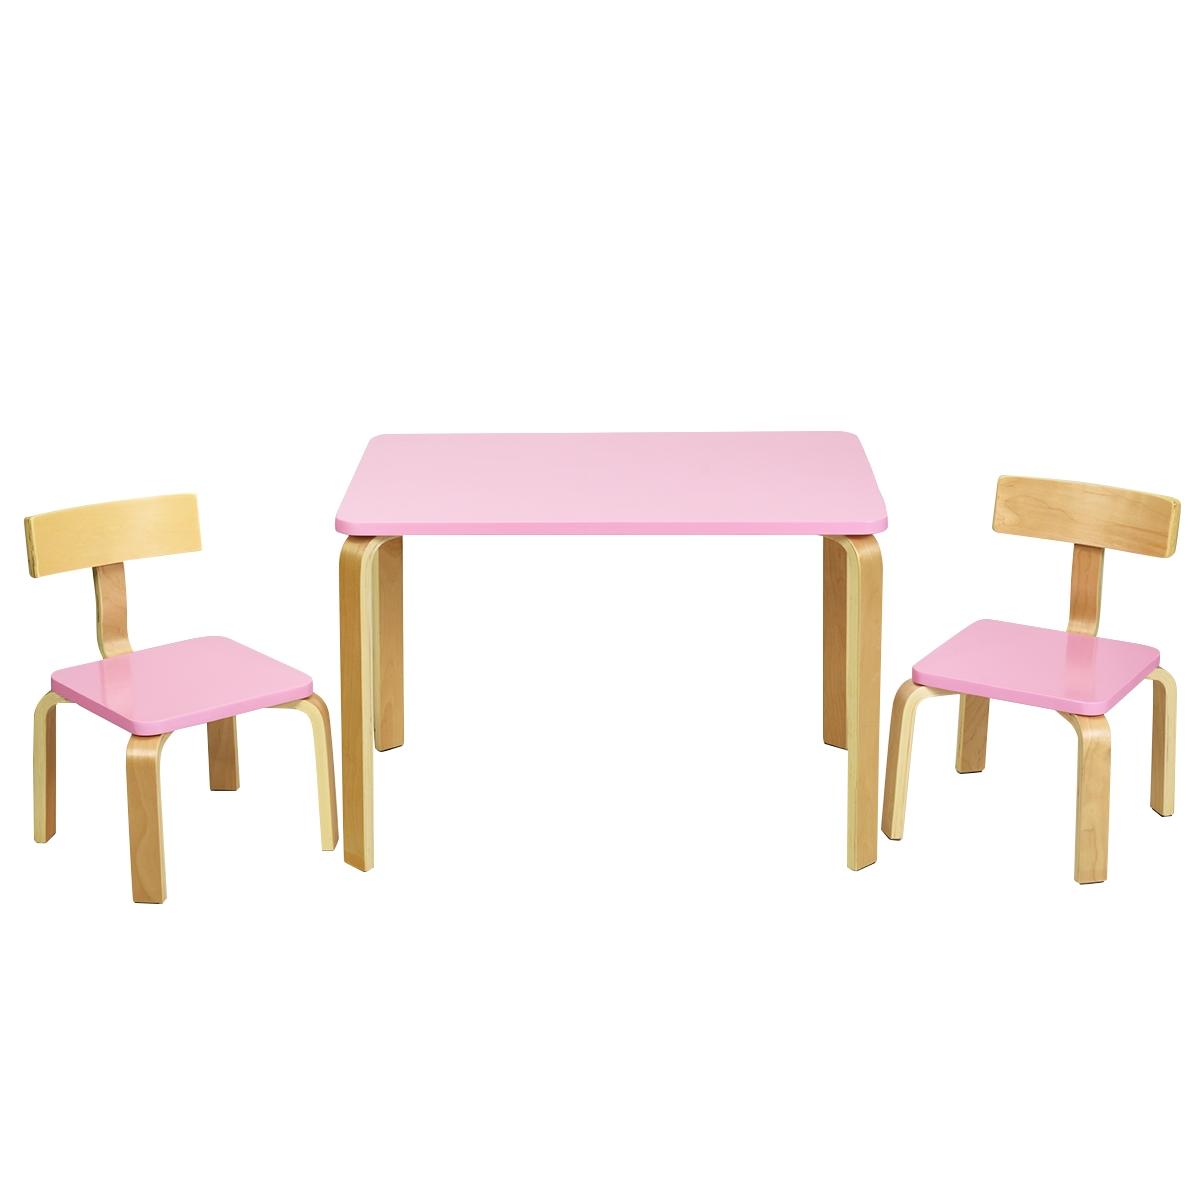 Costway Set tavolo e 2 sedie di legno per bambini per casa asilo e aule 78x53x53cm Rosa